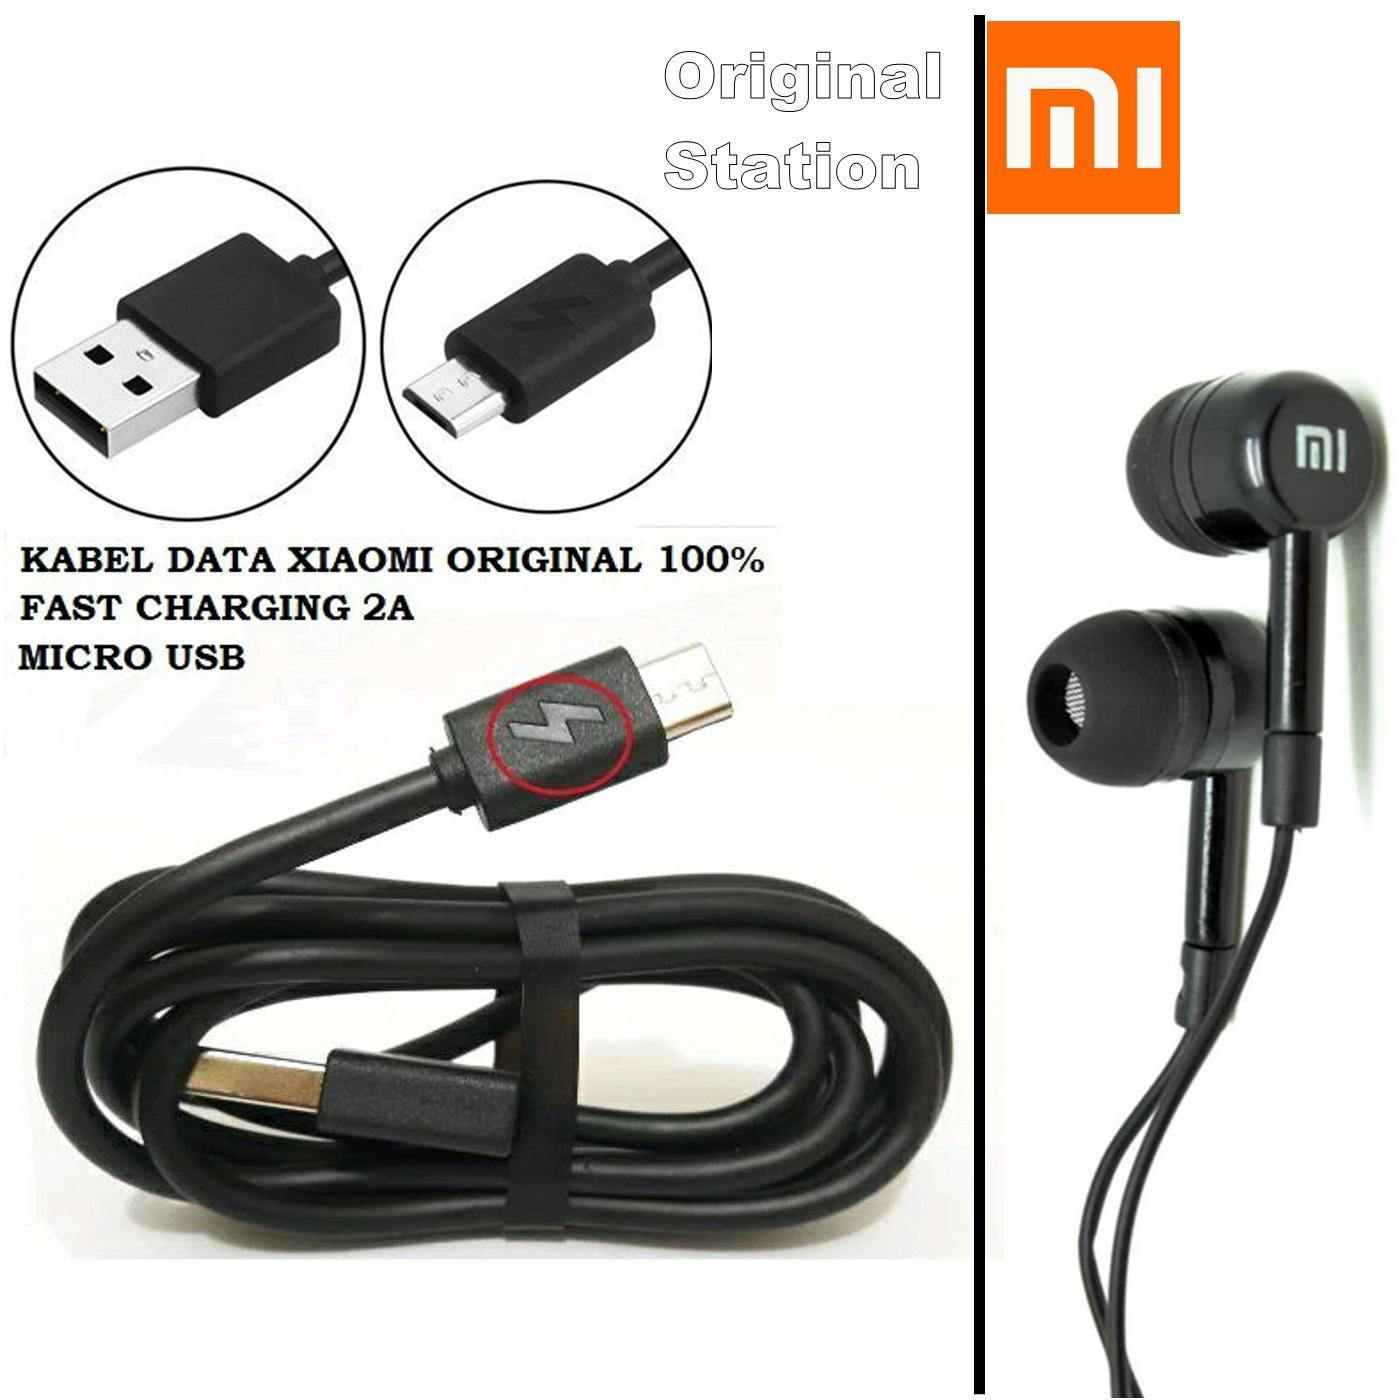 Xiaomi Paket Best Bundling Kabel Data Micro USB Support Fast Charging Dan Headset Hifi